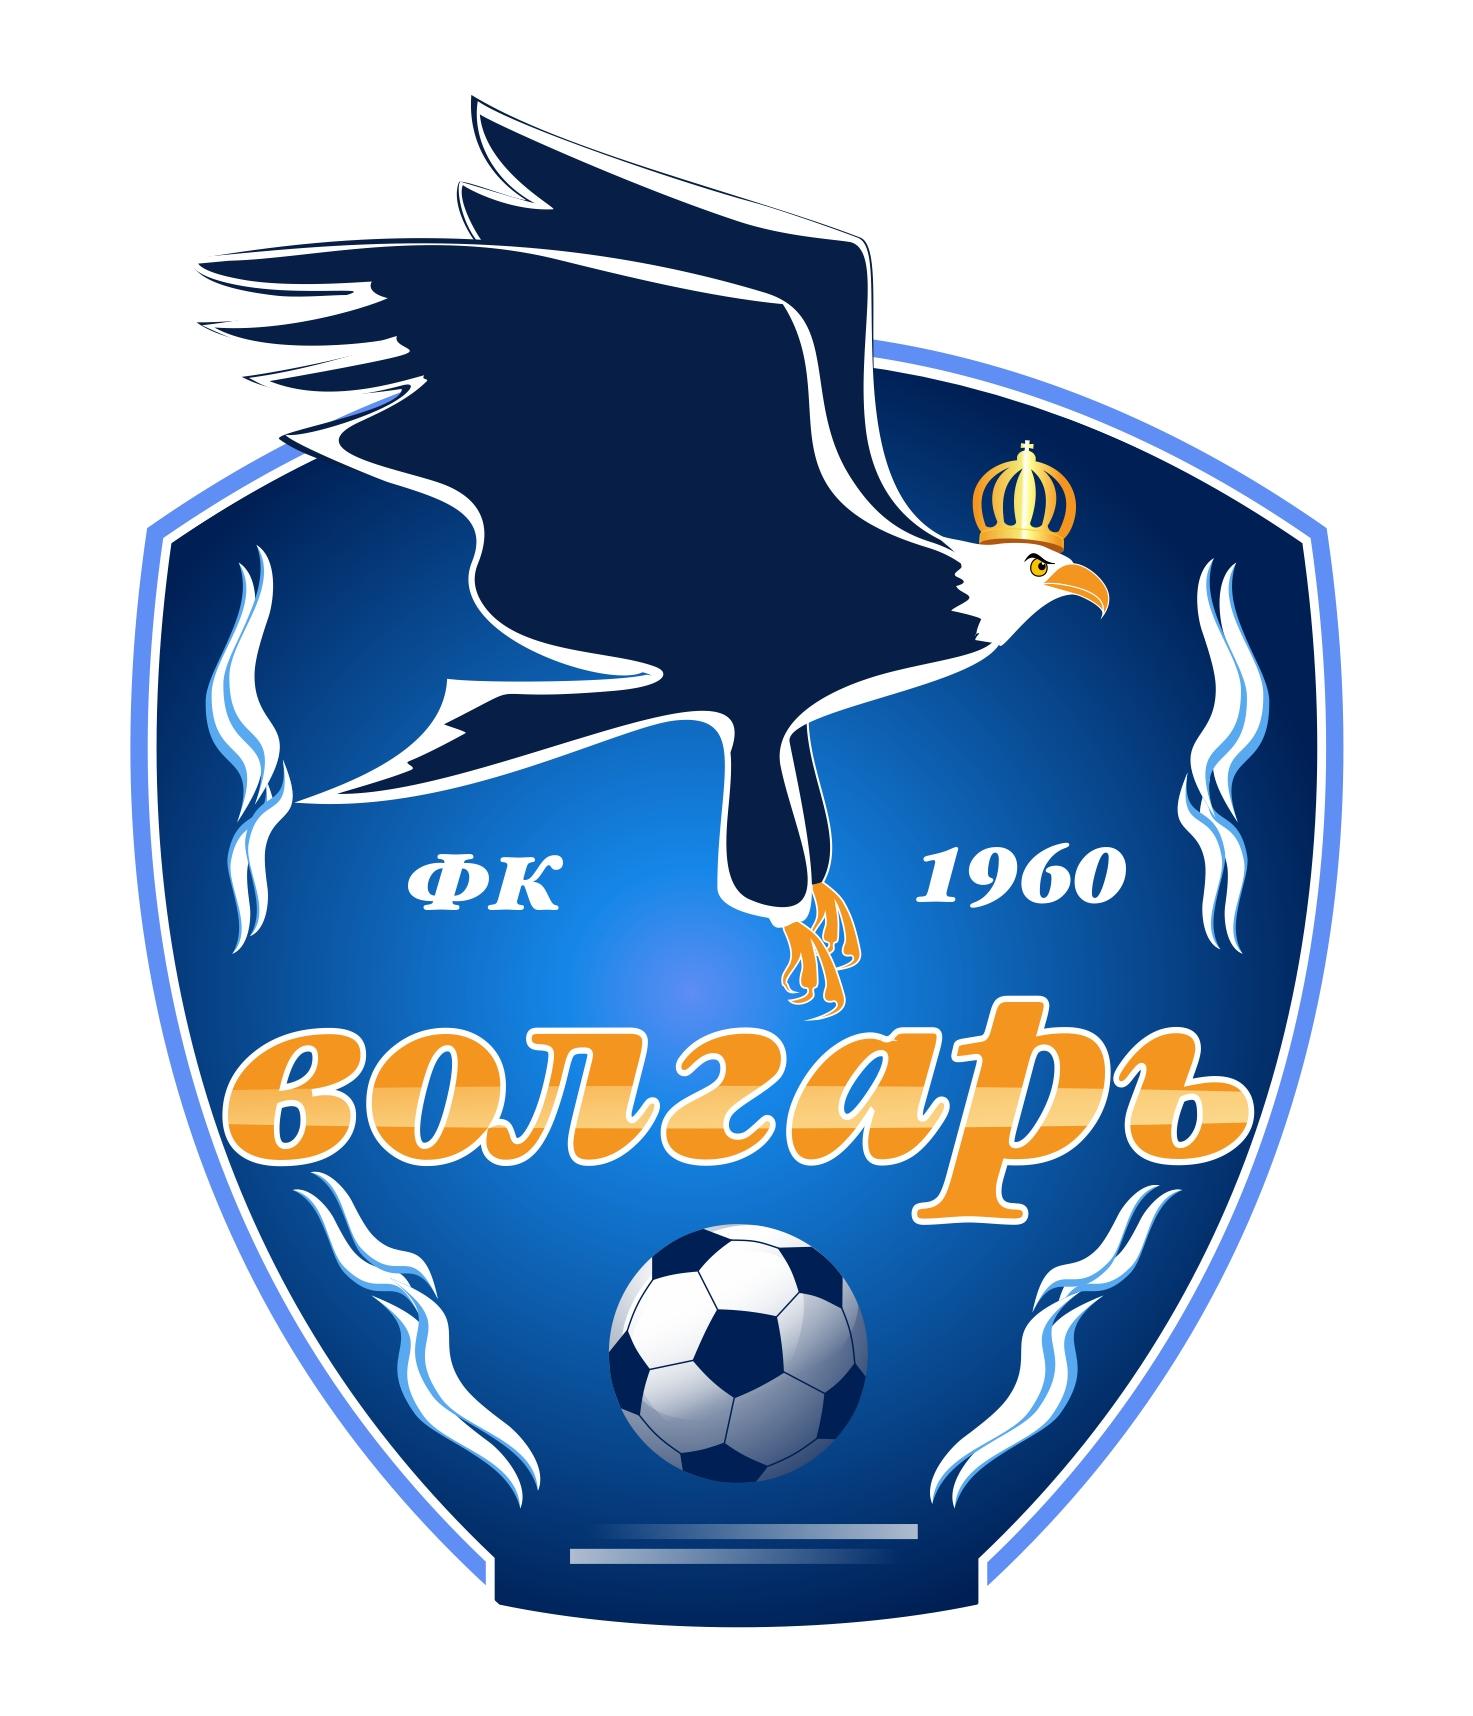 Разработка эмблемы футбольного клуба фото f_4fc28d8747dac.jpg